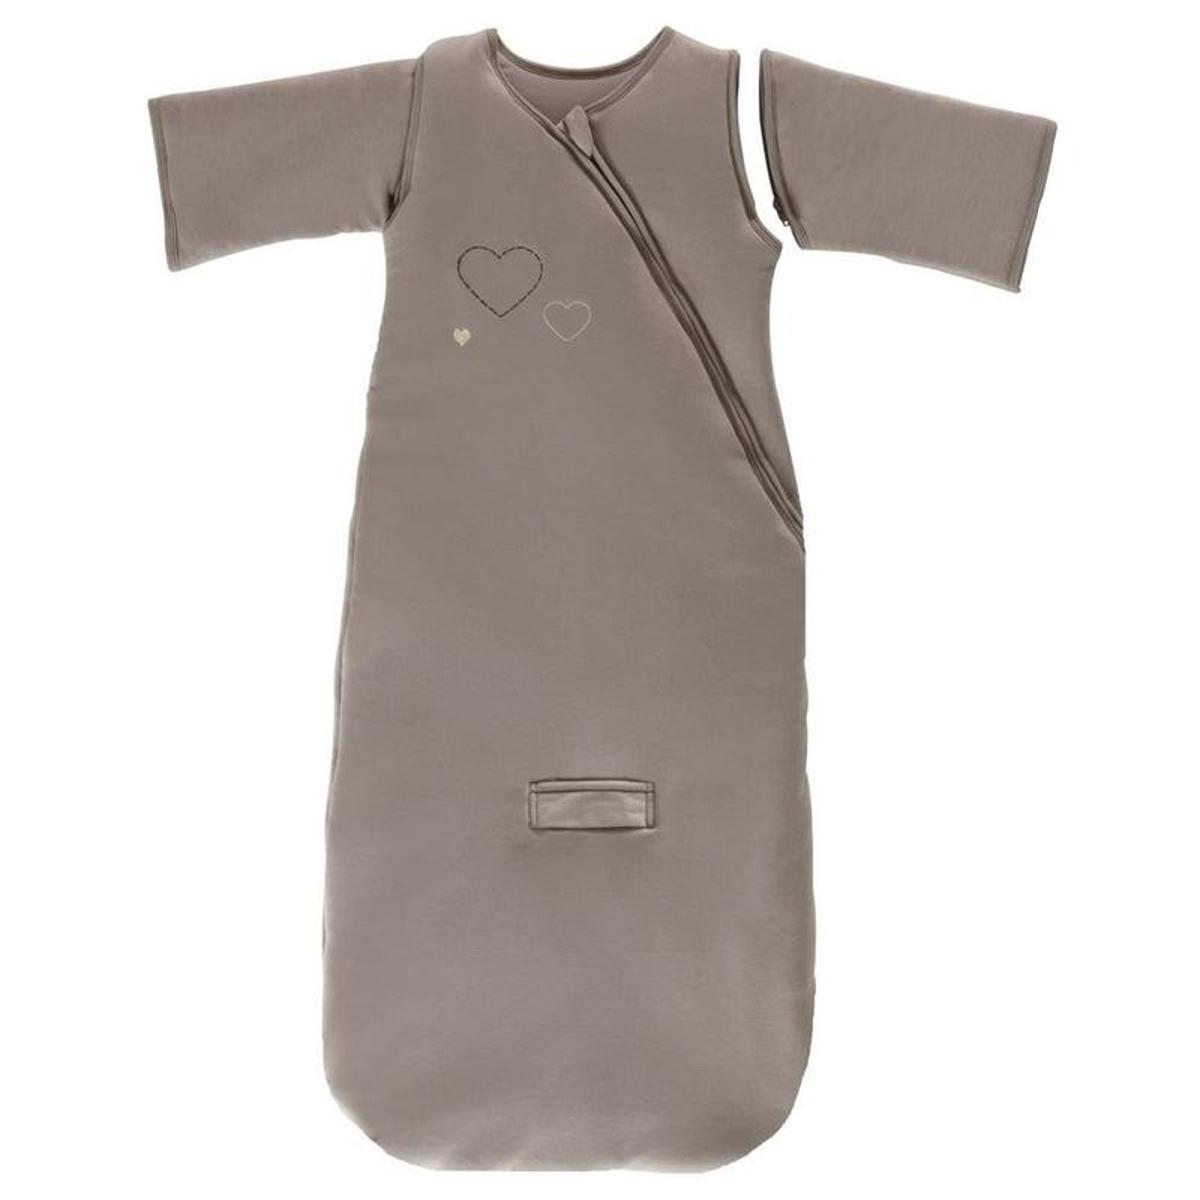 Gigoteuse manches jersey coeur coton bio 70 cm chocolat